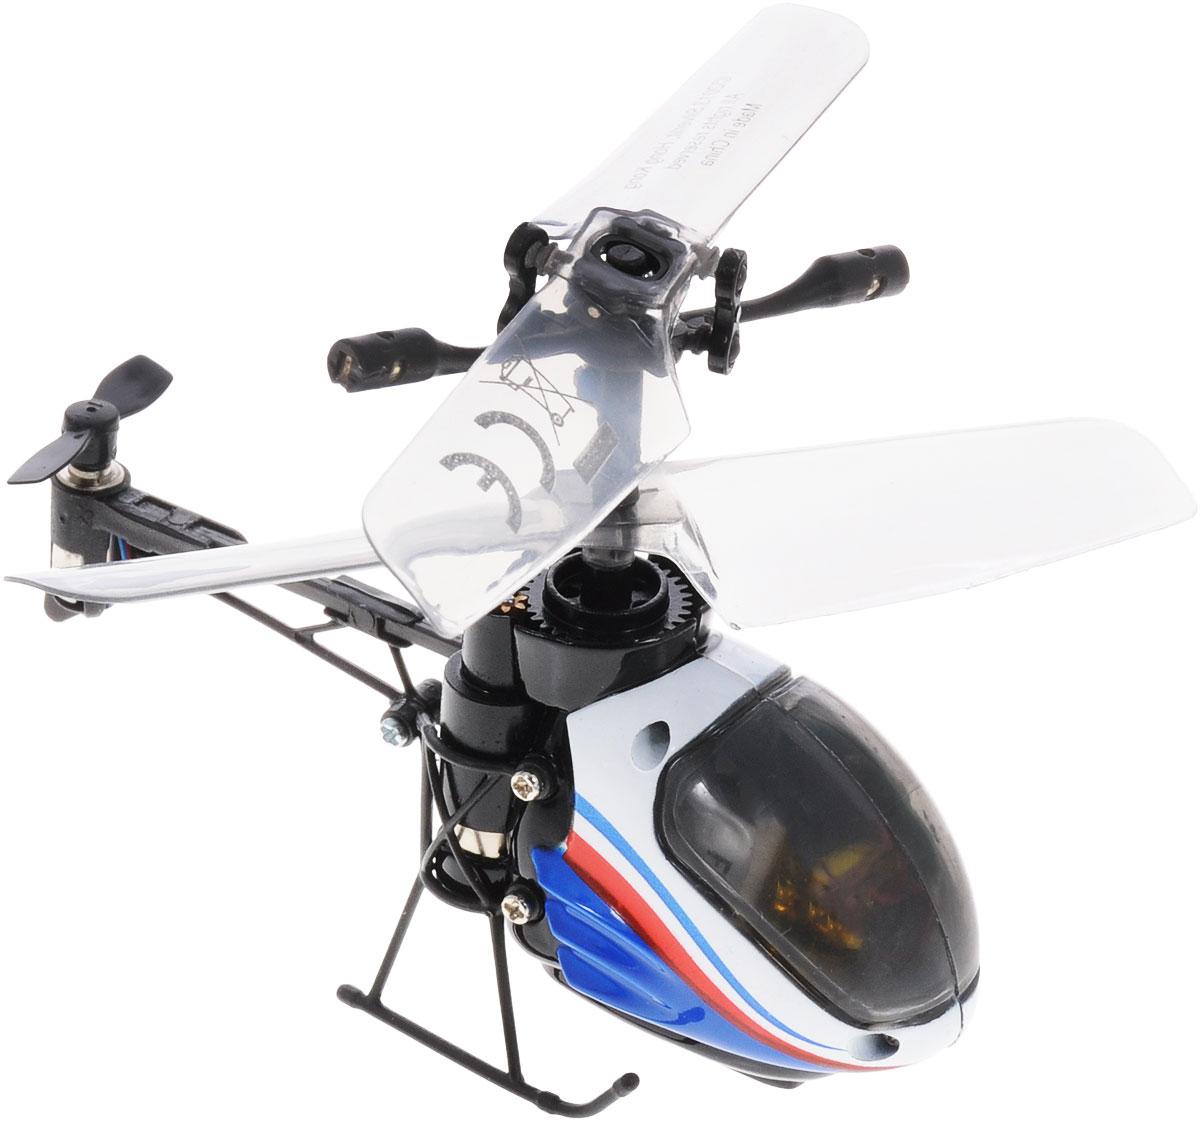 Silverlit Вертолет на радиоуправлении Nano Falcon84665Радиоуправляемая модель Silverlit Вертолет Nano Falcon - игрушка, которая обязательно понравится вашему ребенку. Вертолет занесен в книгу рекордов Гиннесса как самый маленький вертолет с гироскопом в мире! Каркас вертолета выполнен из пластика с использованием металла. Вертолет имеет трехканальное дистанционное управление и идеально подходит для игры как внутри помещения, так и на улице. Он может летать на разной высоте вперед и назад, поворачивать вправо и влево. Управляется легко и просто благодаря встроенному гироскопу. Каждый запуск Silverlit Вертолет Nano Falcon принесет яркие впечатления вам и вашему ребенку! Радиоуправляемые модели давно вышли за грань обыкновенных игрушек. В продаже можно увидеть практически любую модель современной техники. Производители с каждым годом создают все более и более продвинутые модели автомобилей, самолетов, вертолетов, кораблей и многих других игрушек. А некоторые модели и вовсе выполнены идентично настоящей машине....